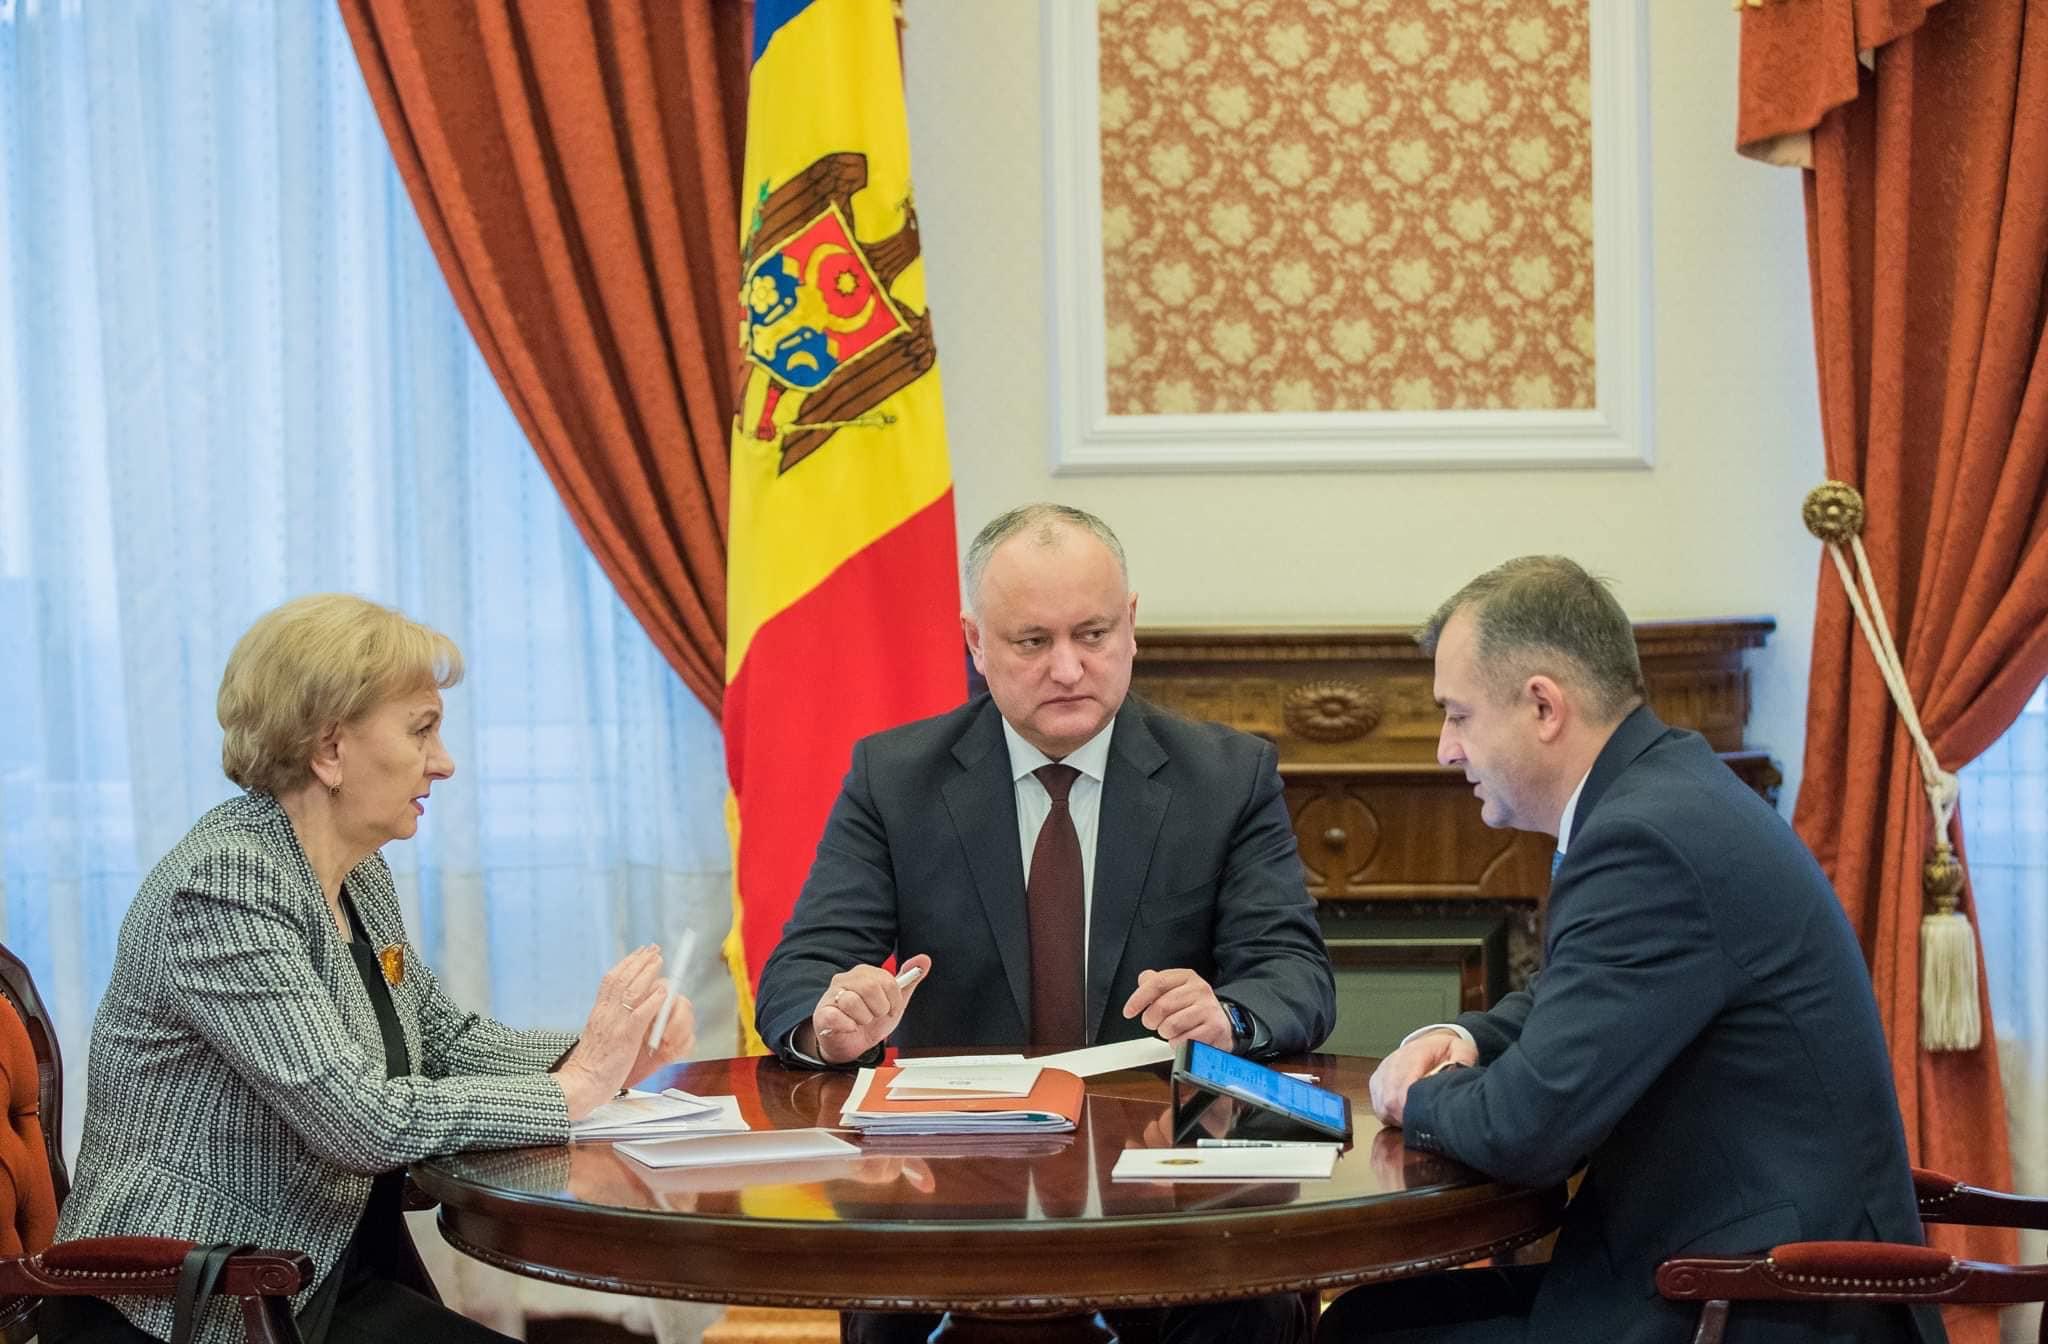 Президент, спикер и премьер провели традиционное совещание: о чем шла речь (ВИДЕО, ФОТО)